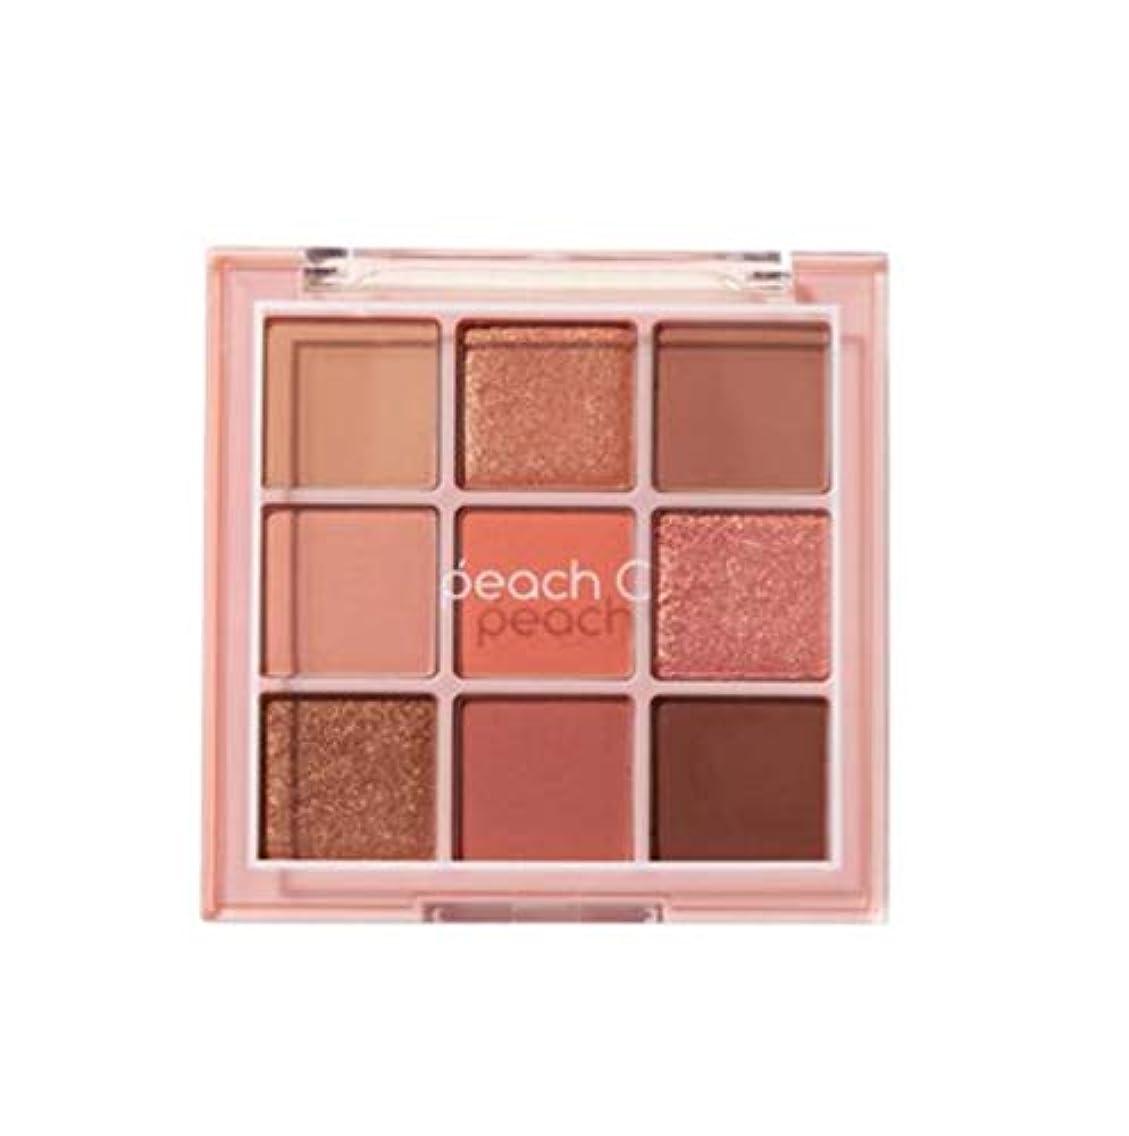 誇りに思う明るいアクセスPeach C Soft Mood Eyeshadow Palette -SOFT CORAL告発色、高密着、告知の中独歩的な高クオリティアイシャドウパレット9color(並行輸入品)